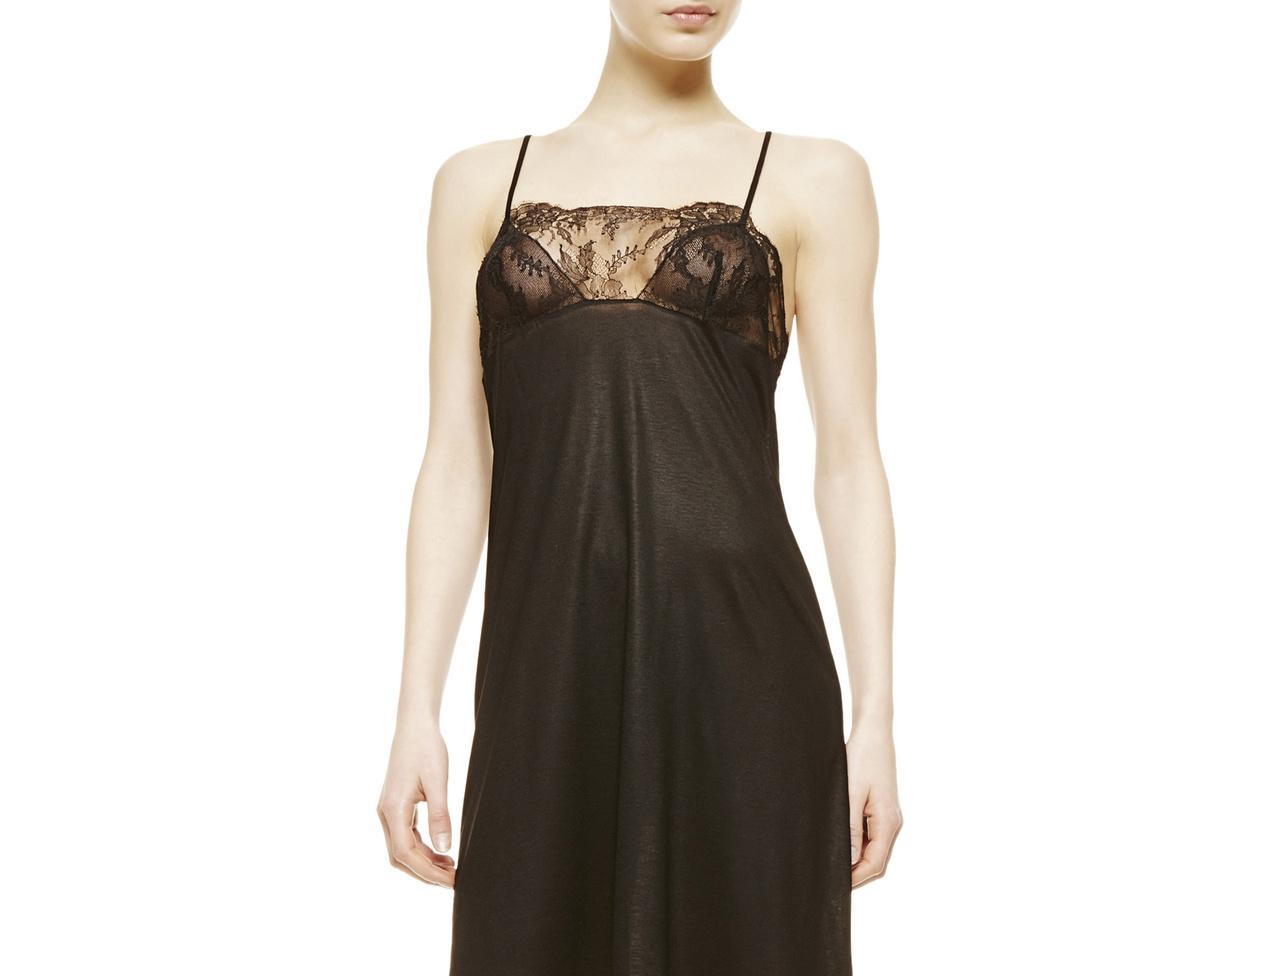 Платье для сна Sophia, 13398 руб. вместо 22330 руб.